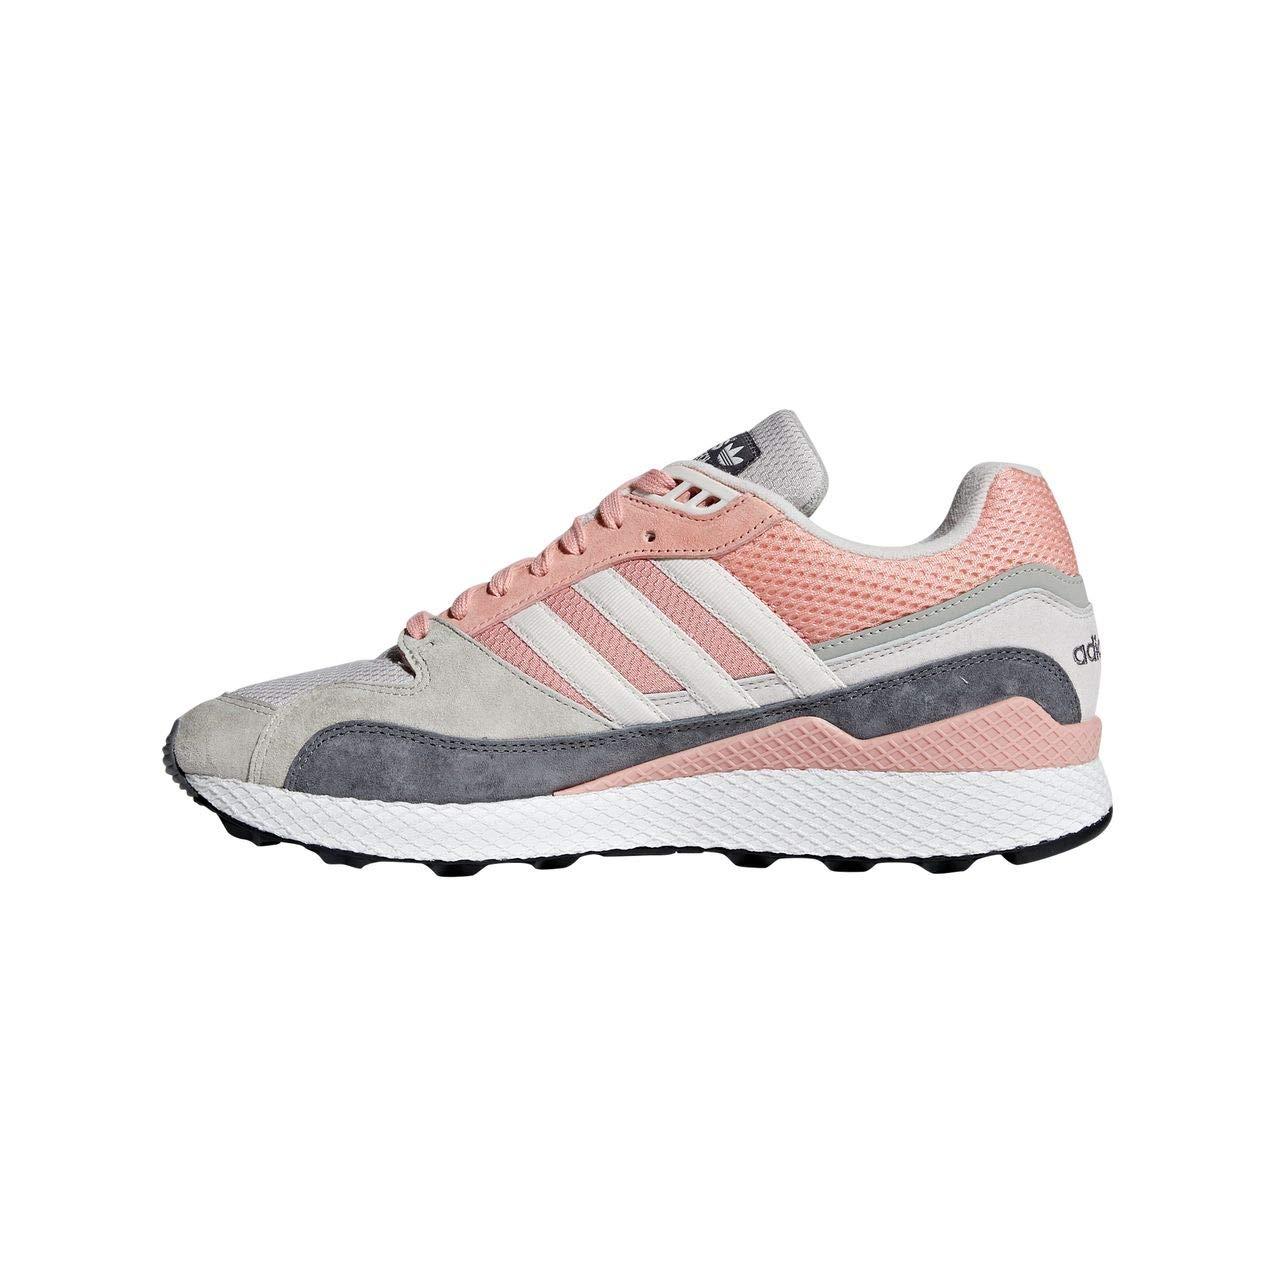 Rose (Rostra Balcri Negbás 0) adidas Ultra Tech, Chaussures de Fitness garçon 38 EU